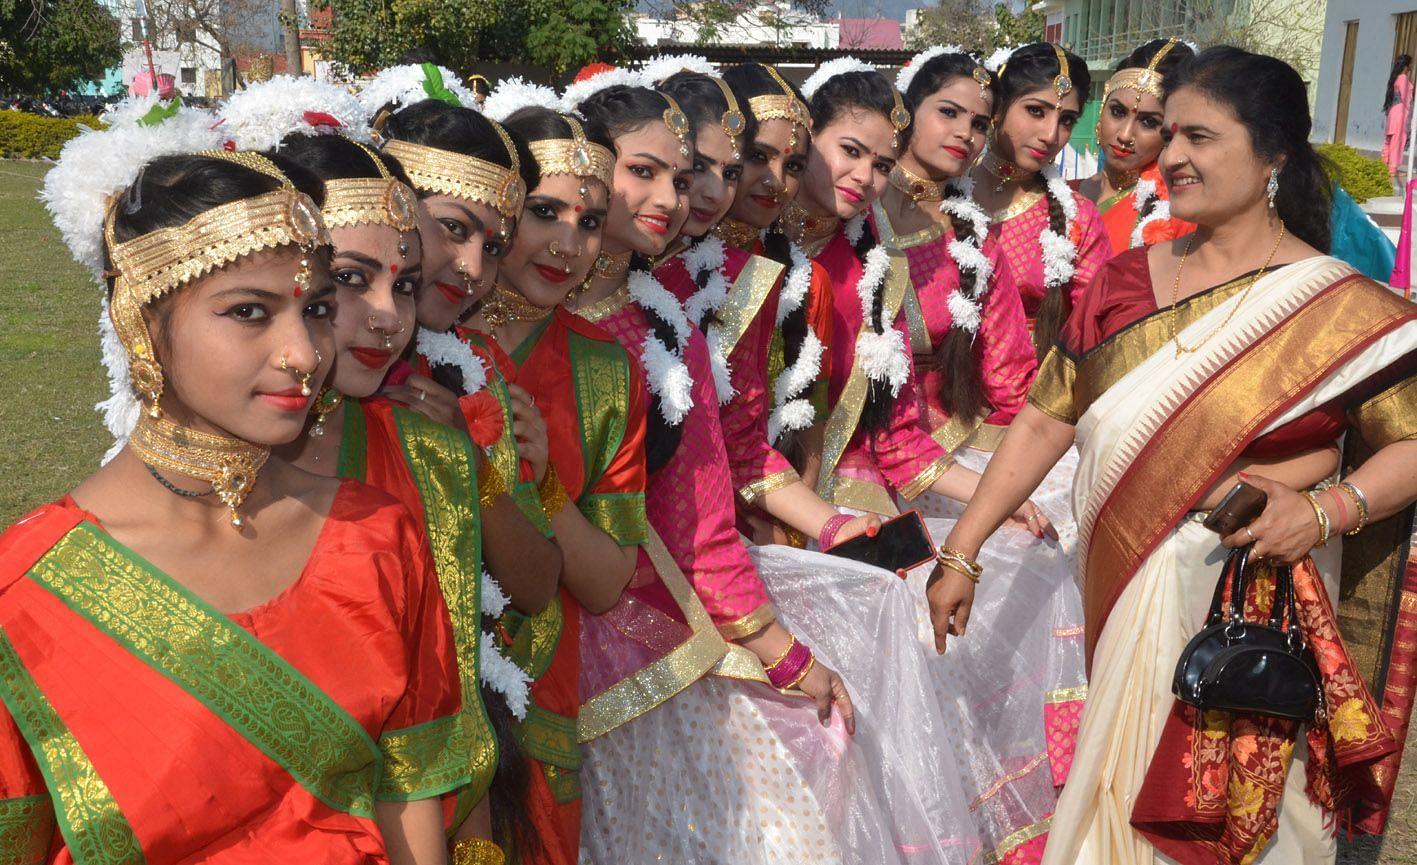 महिला विद्यालय डिग्री कालेज में वार्षिक सांस्कृतिक कार्यक्रम में प्रतिभागी छात्राएं ।